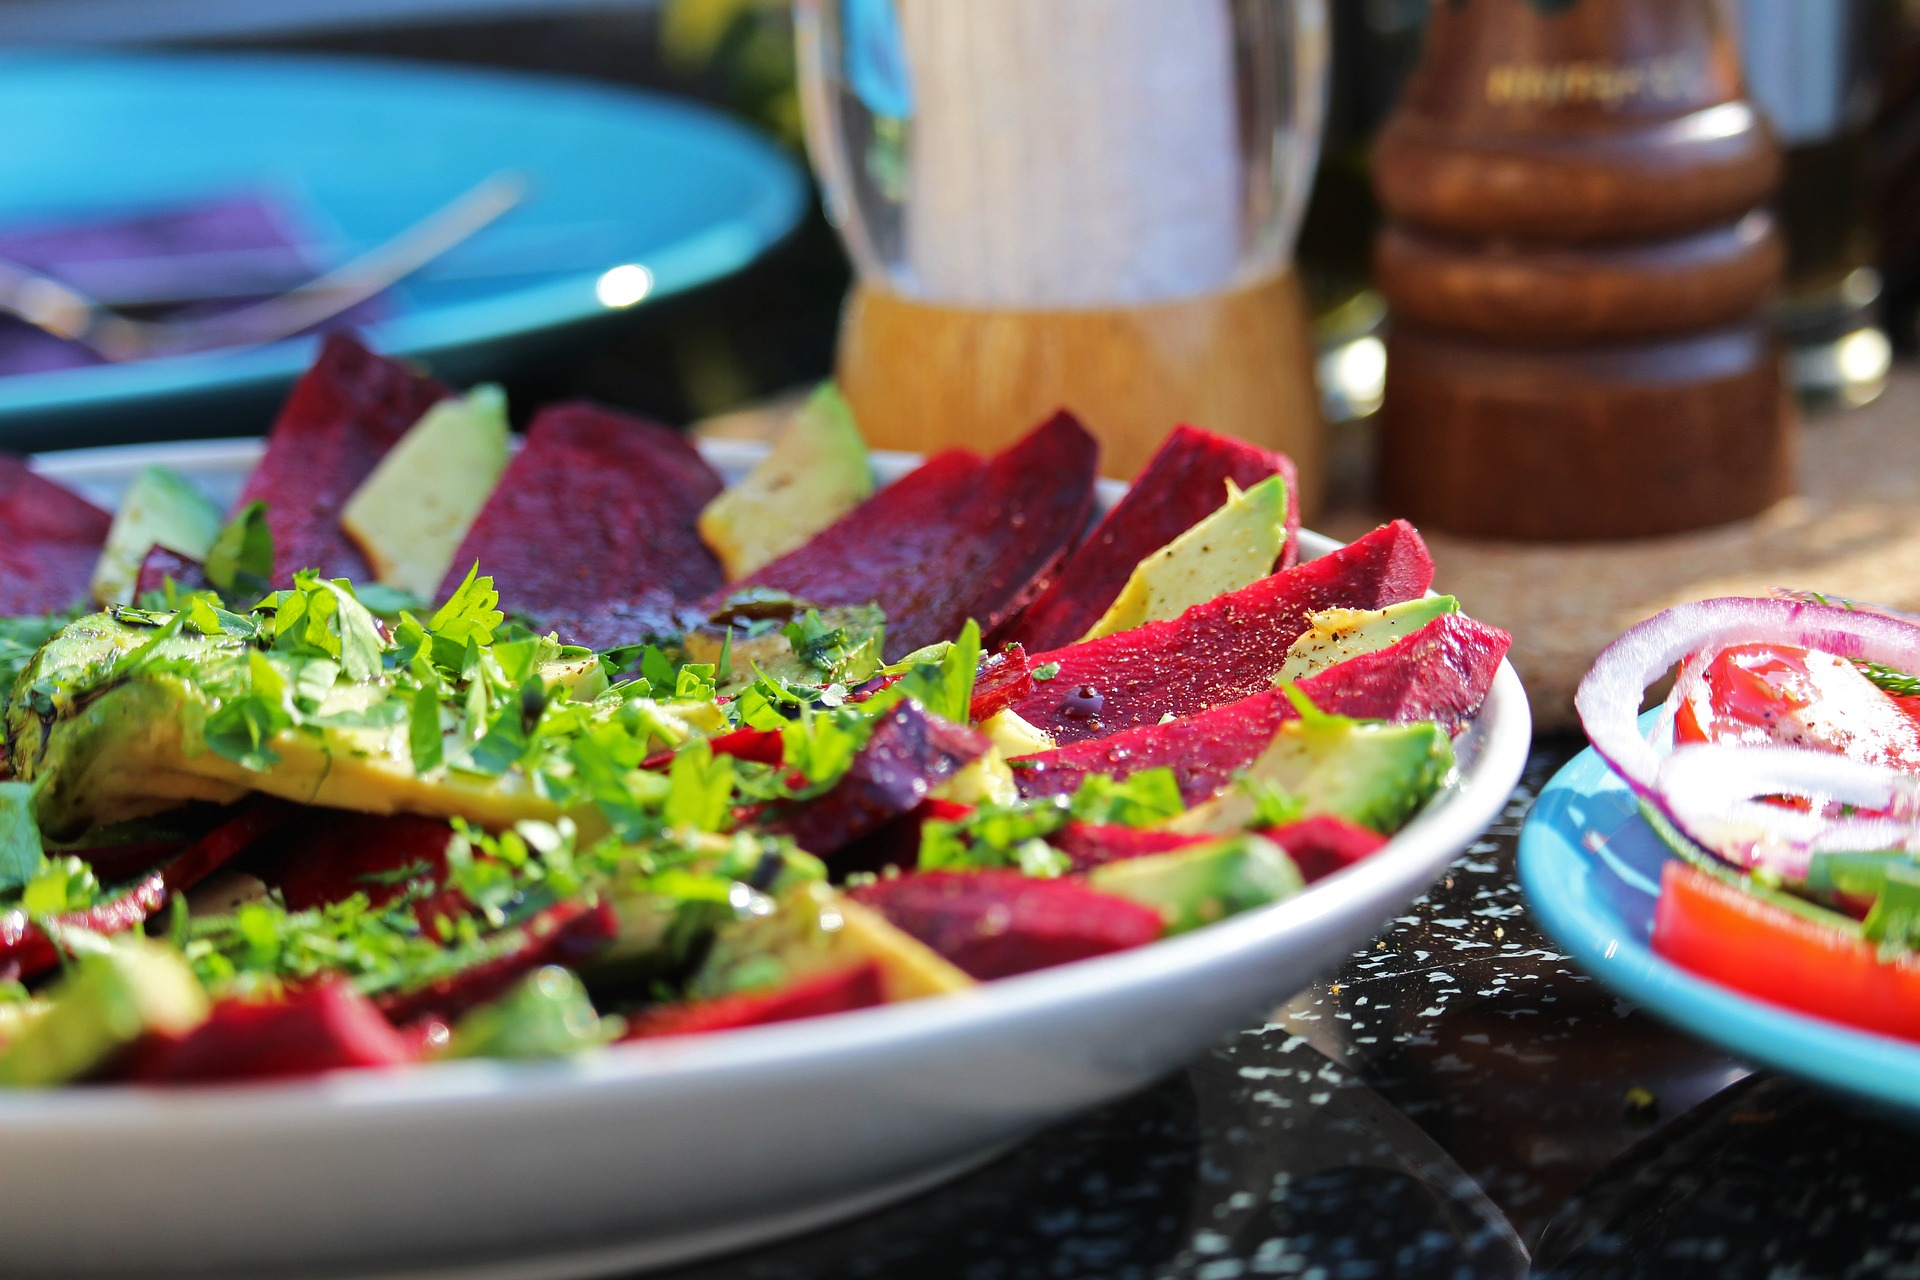 Sałatka z pieczonych buraczków, koziego sera i rukoli – pyszny i zdrowy posiłek